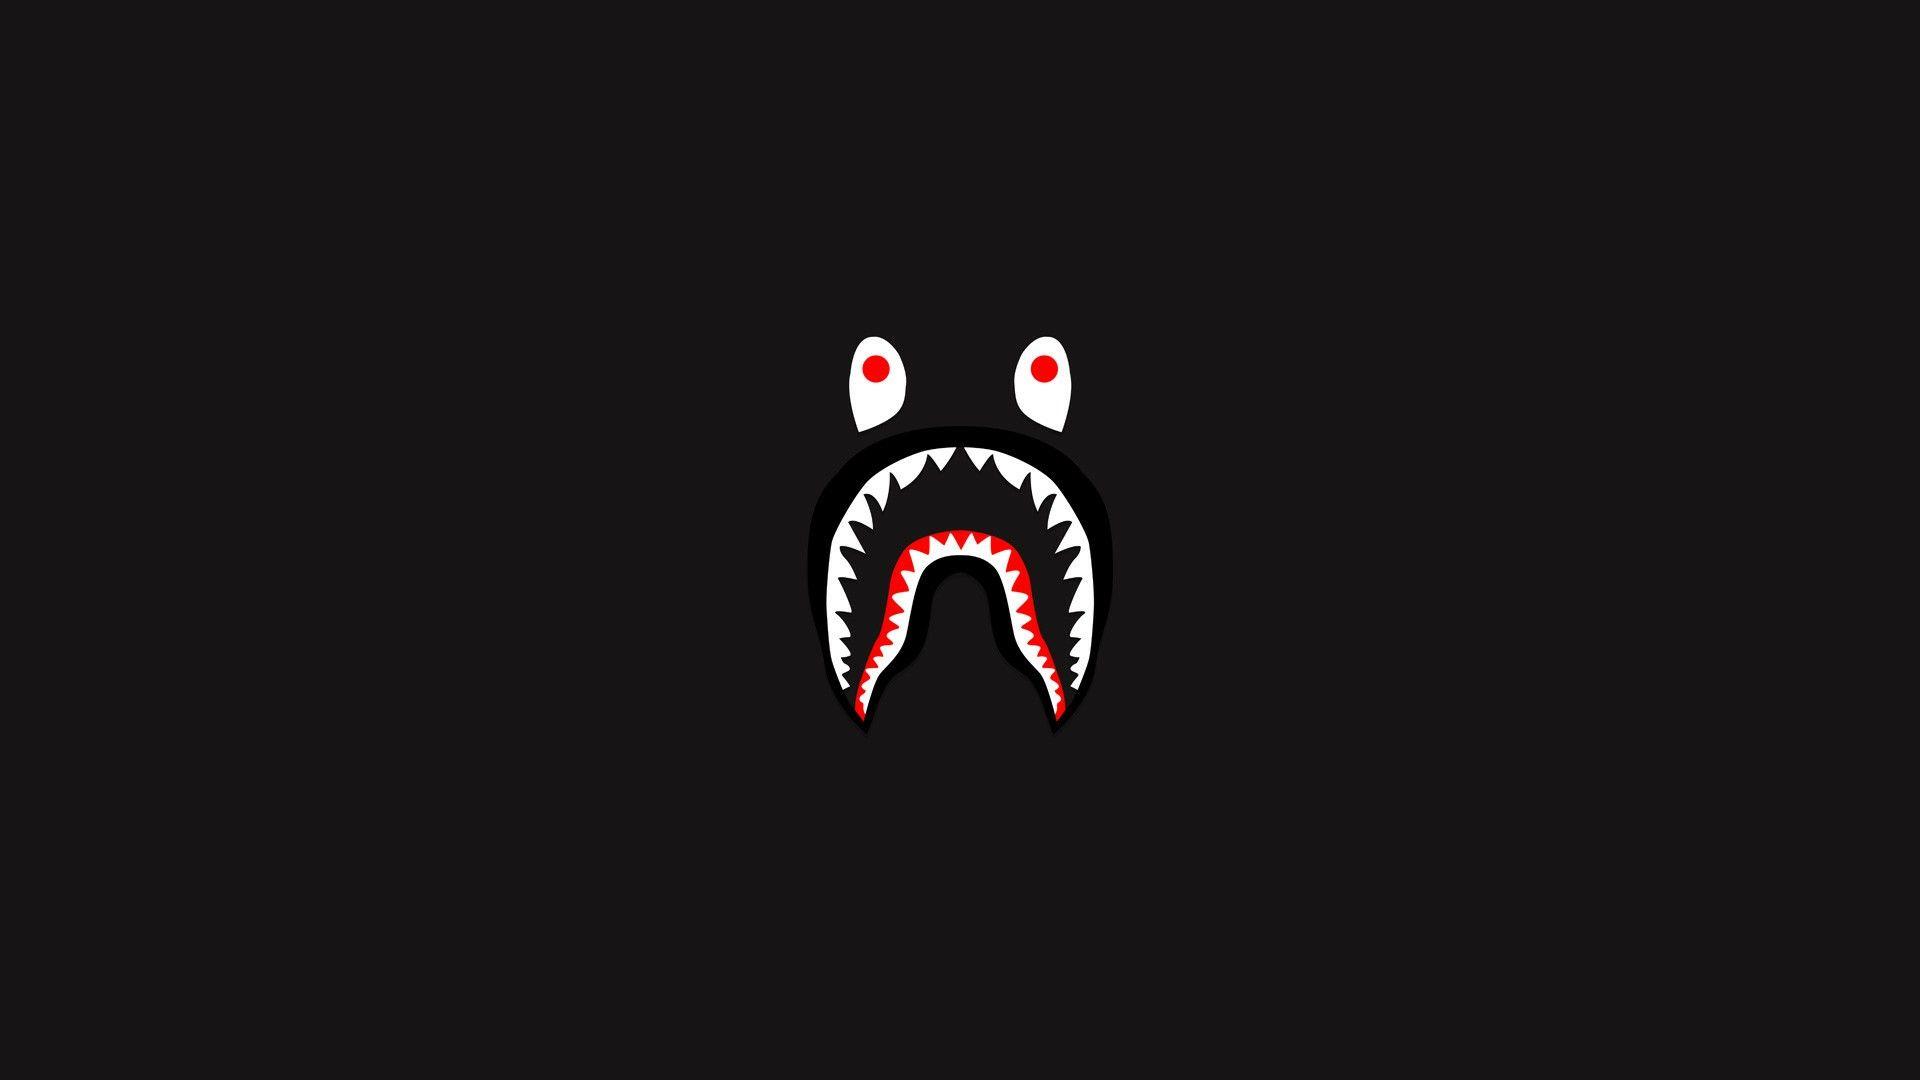 Bape shark wallpaper bape wallpaper iphone mac wallpaper laptop wallpaper desktop wallpaper